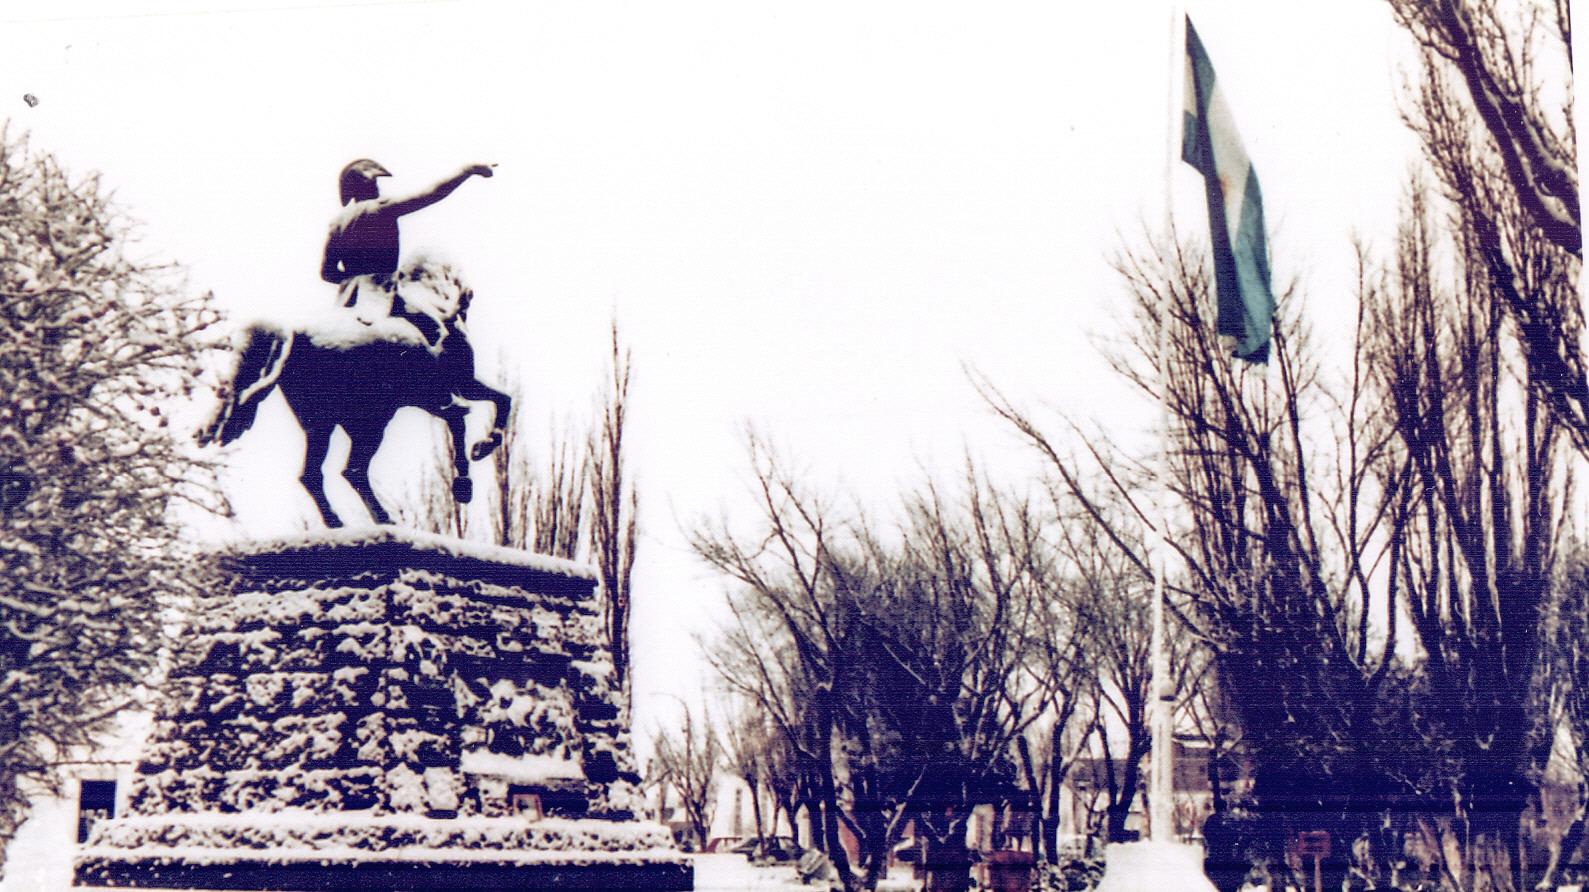 La plaza San Martín reflejó una postal increíble de nieve, árboles y el tradicional monumento patrio. FOTO ARCHIVO LOA